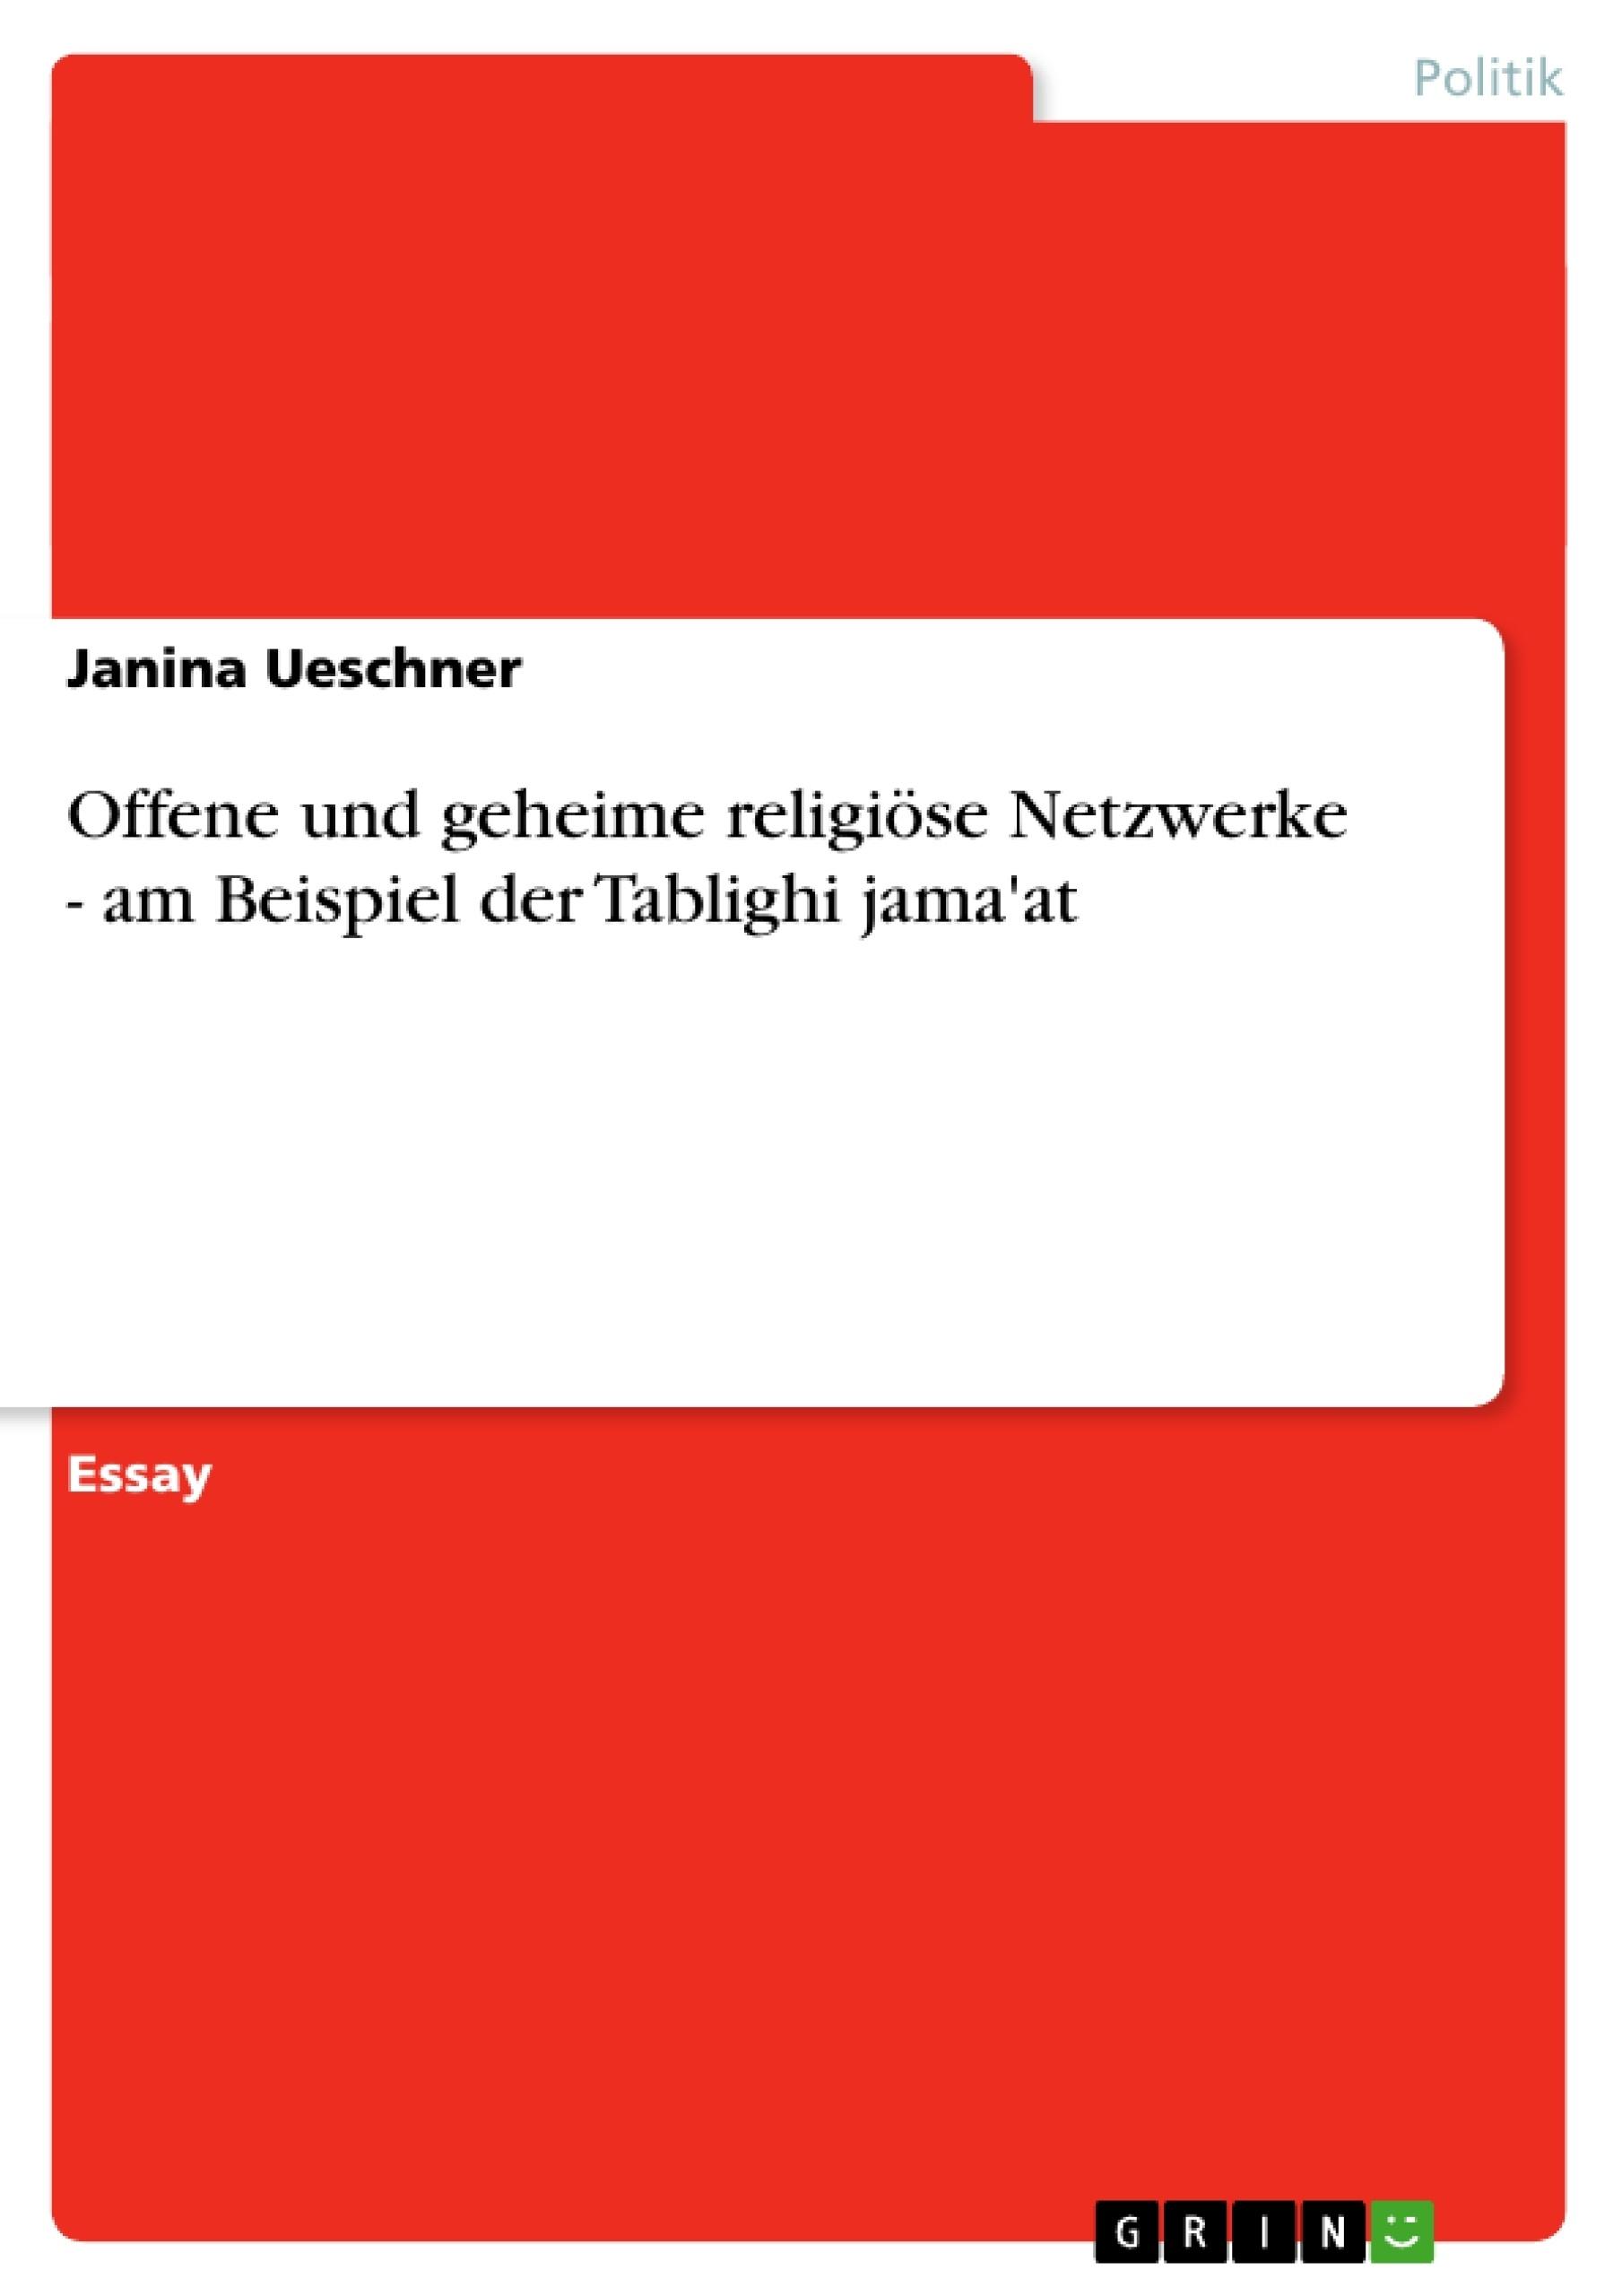 Titel: Offene und geheime religiöse Netzwerke - am Beispiel der Tablighi jama'at